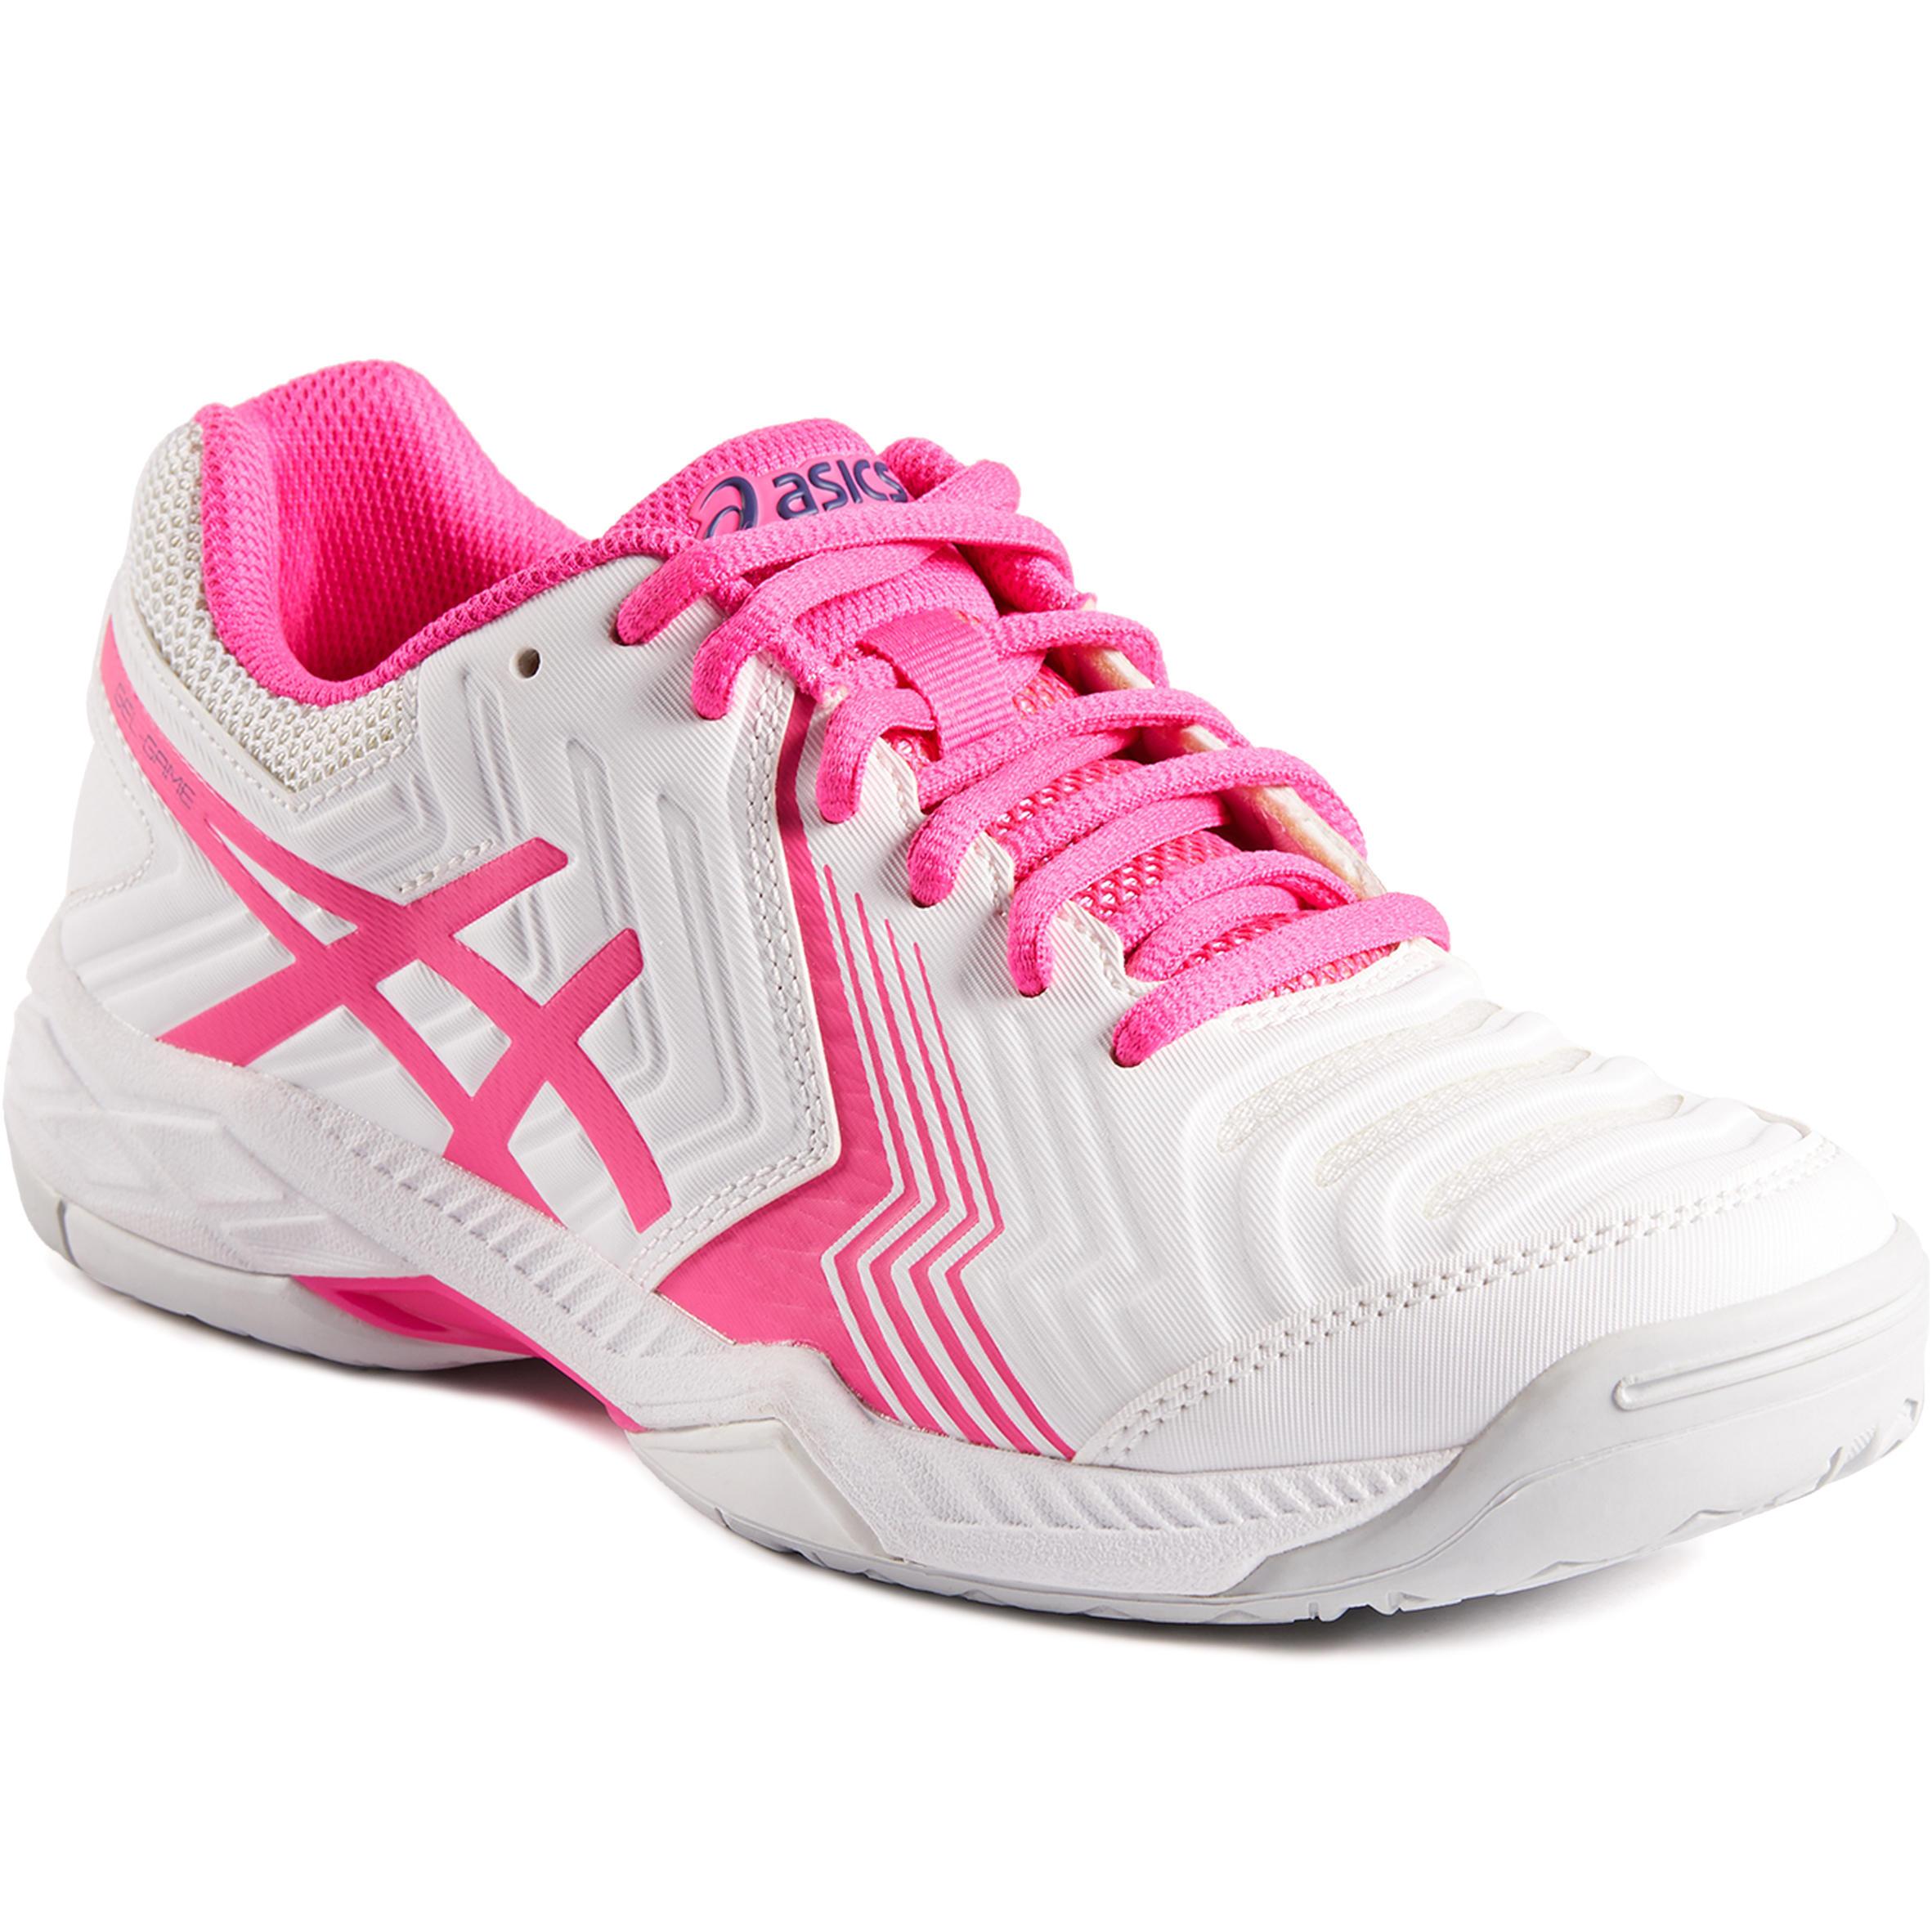 2462362 Asics Tennisschoenen voor dames Gel Game wit roze